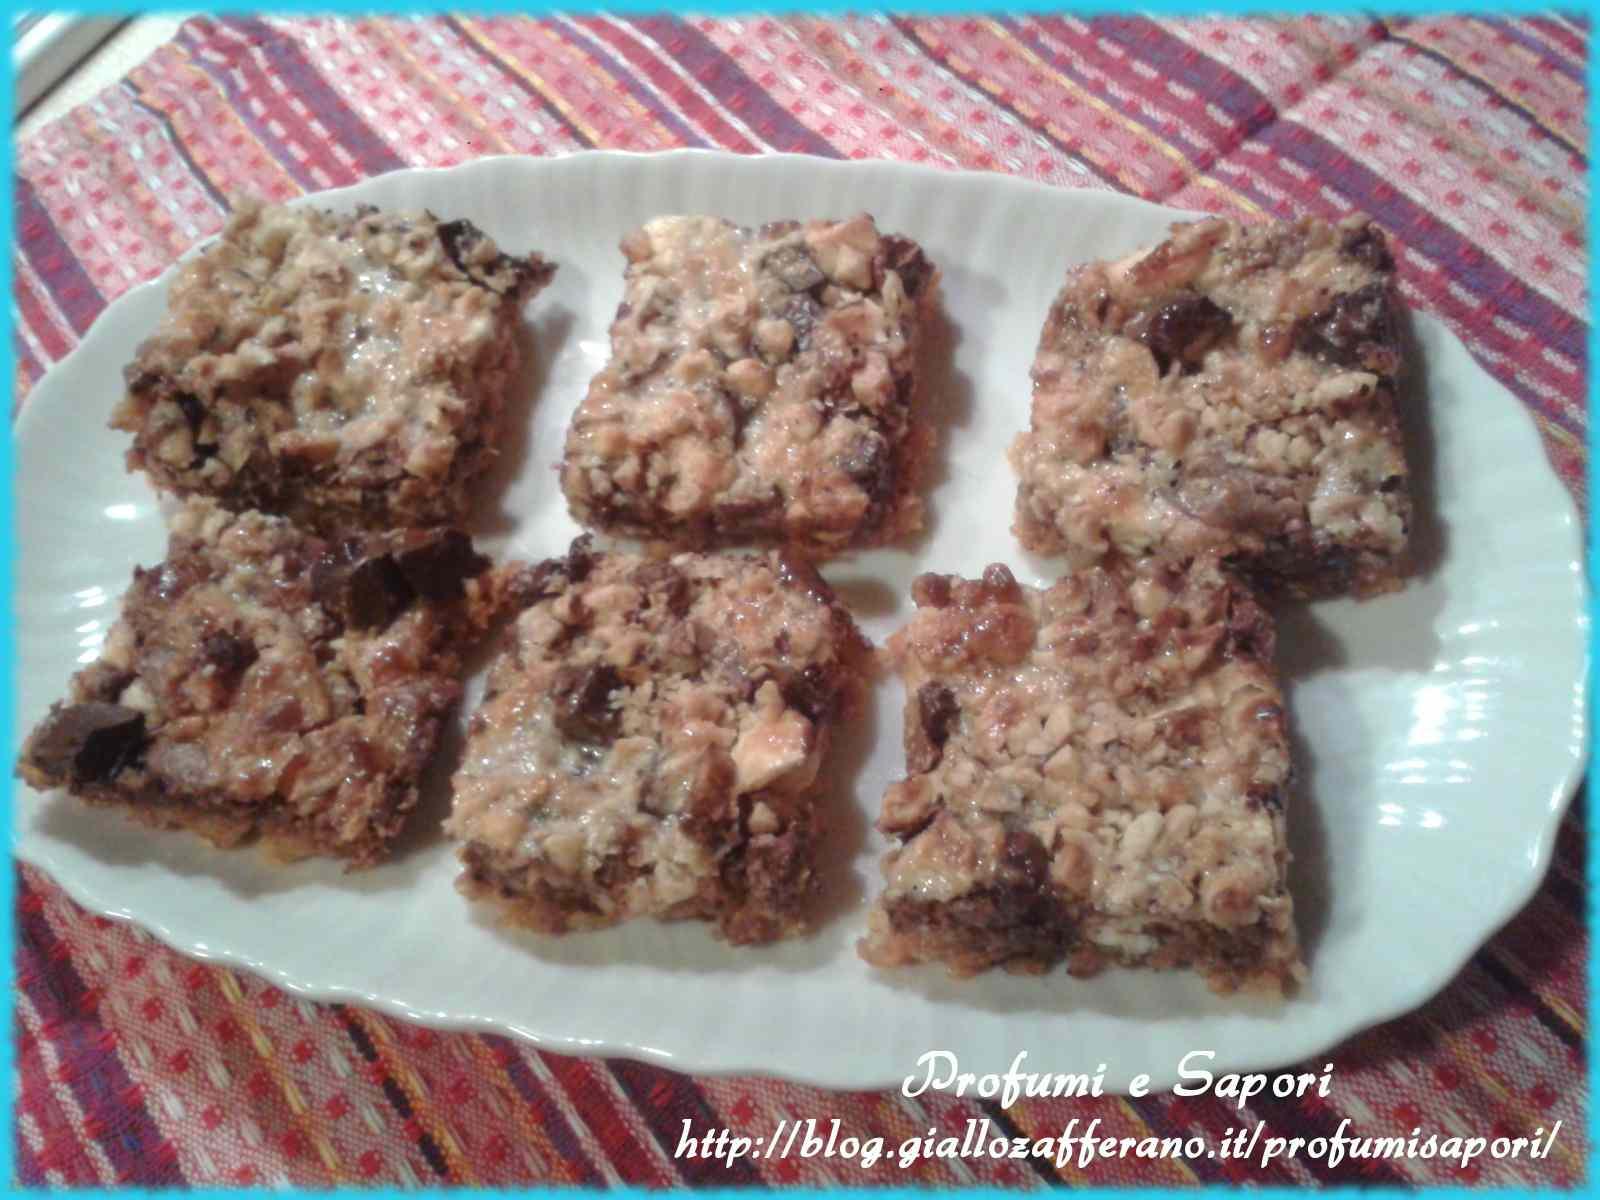 Ricetta: Biscotti al triplo cioccolato